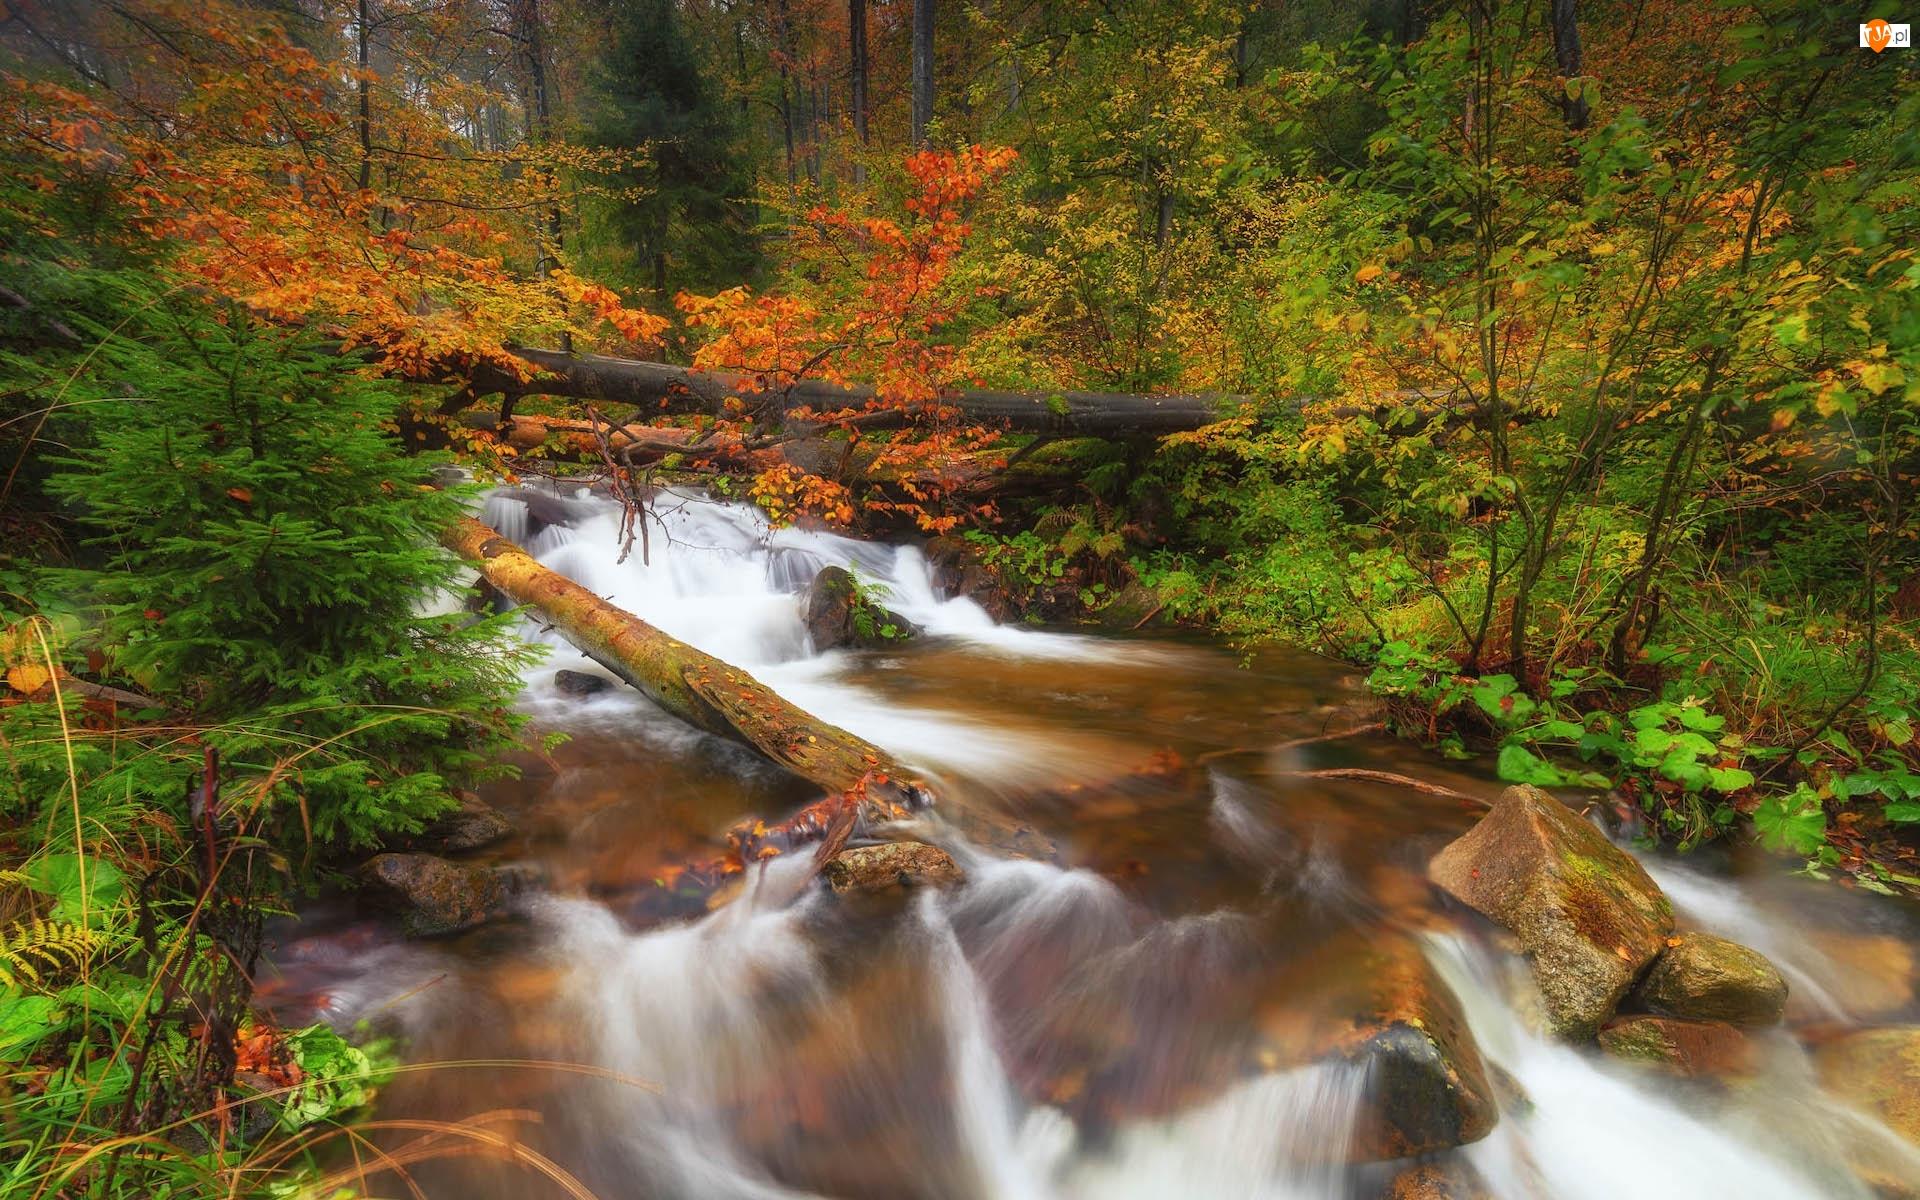 Drzewa, Kamienie, Rzeka, Las, Jesień